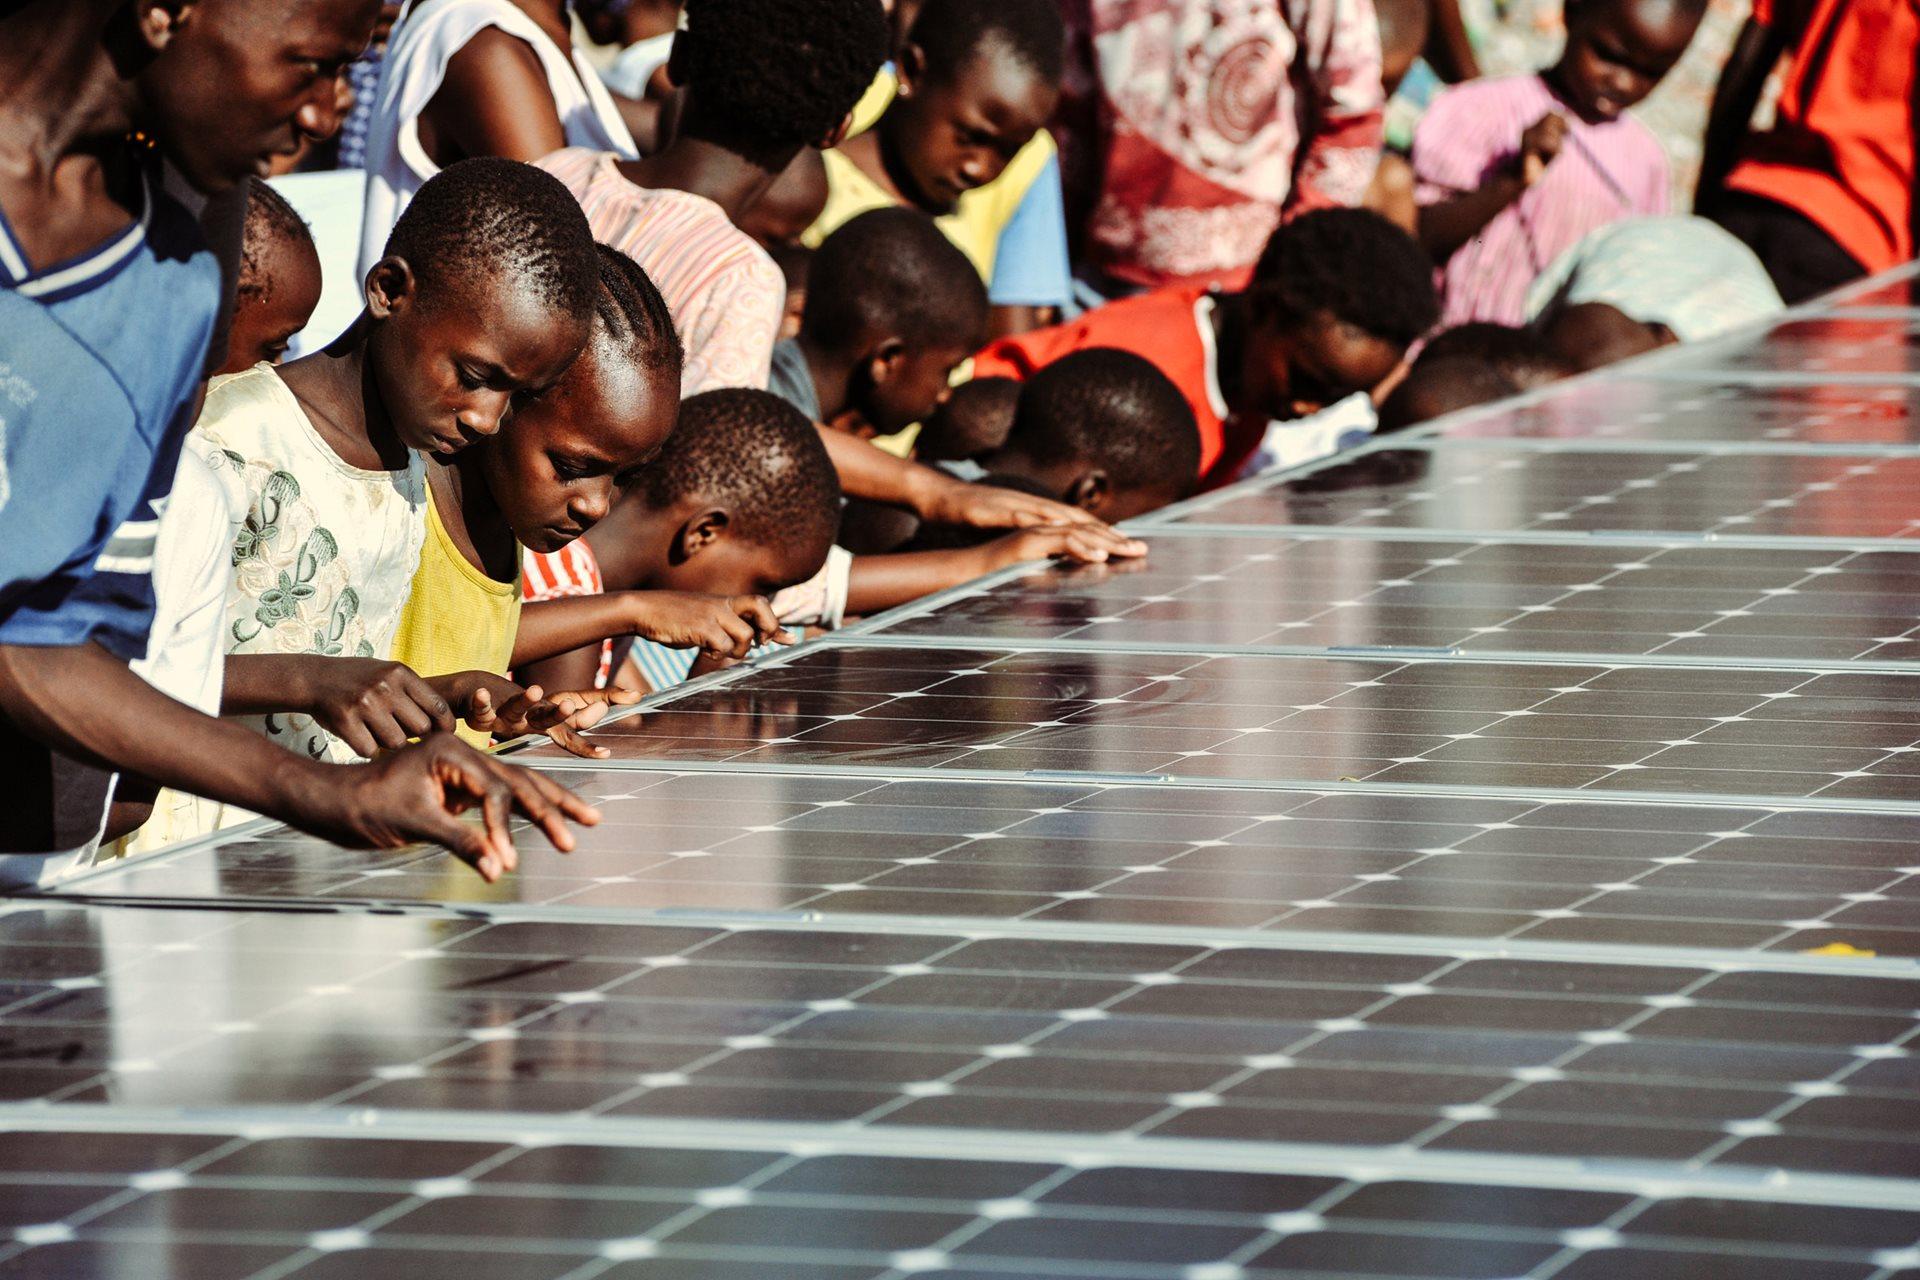 Umweltfreundlich, zuverlässig und langfristig rentabel: Fotovoltaikanlage im SOS-Kinderdorf Mombasa, Kenia.